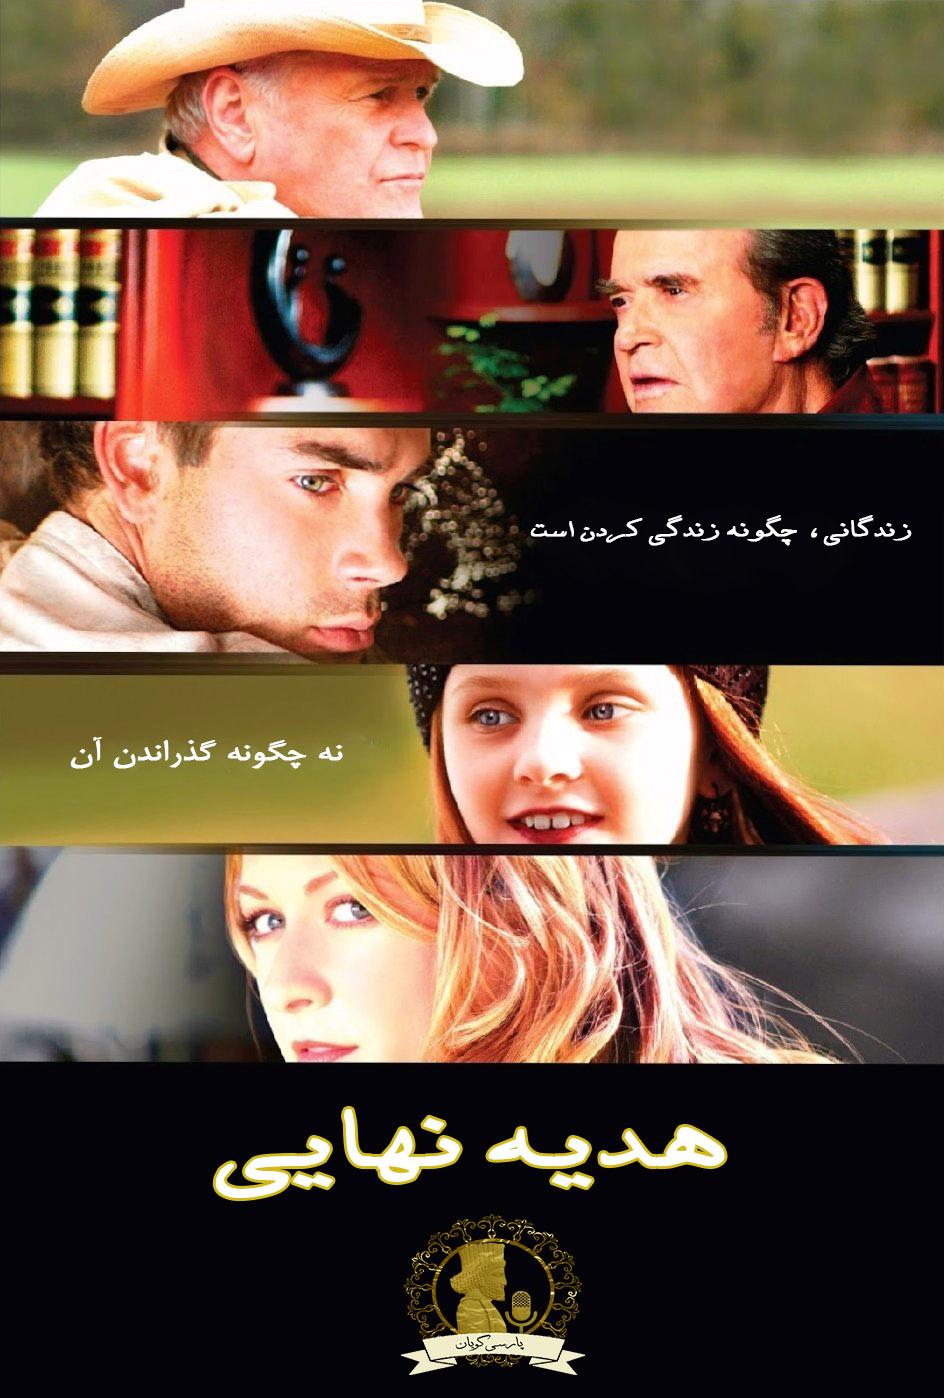 دانلود فیلم هدیه نهایی 2007 دوبله فارسی و سانسور شده